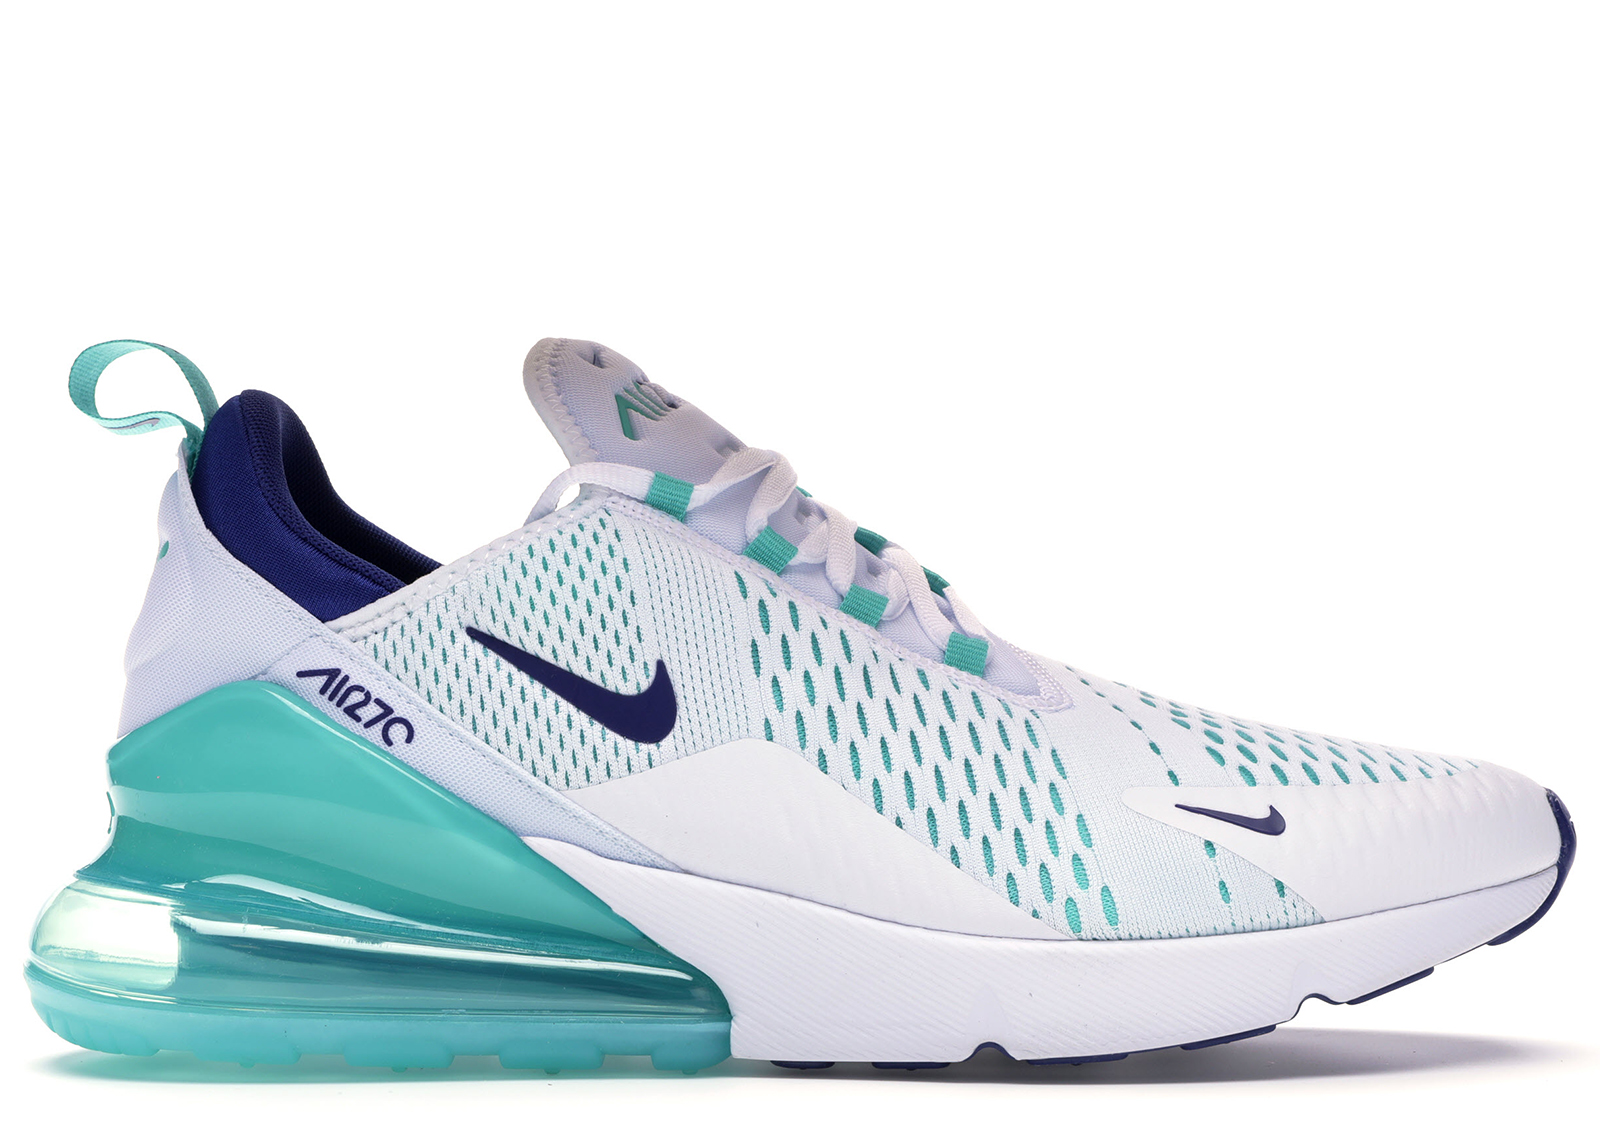 Nike Air Max 270 White Hyper Jade Deep Royal Blue